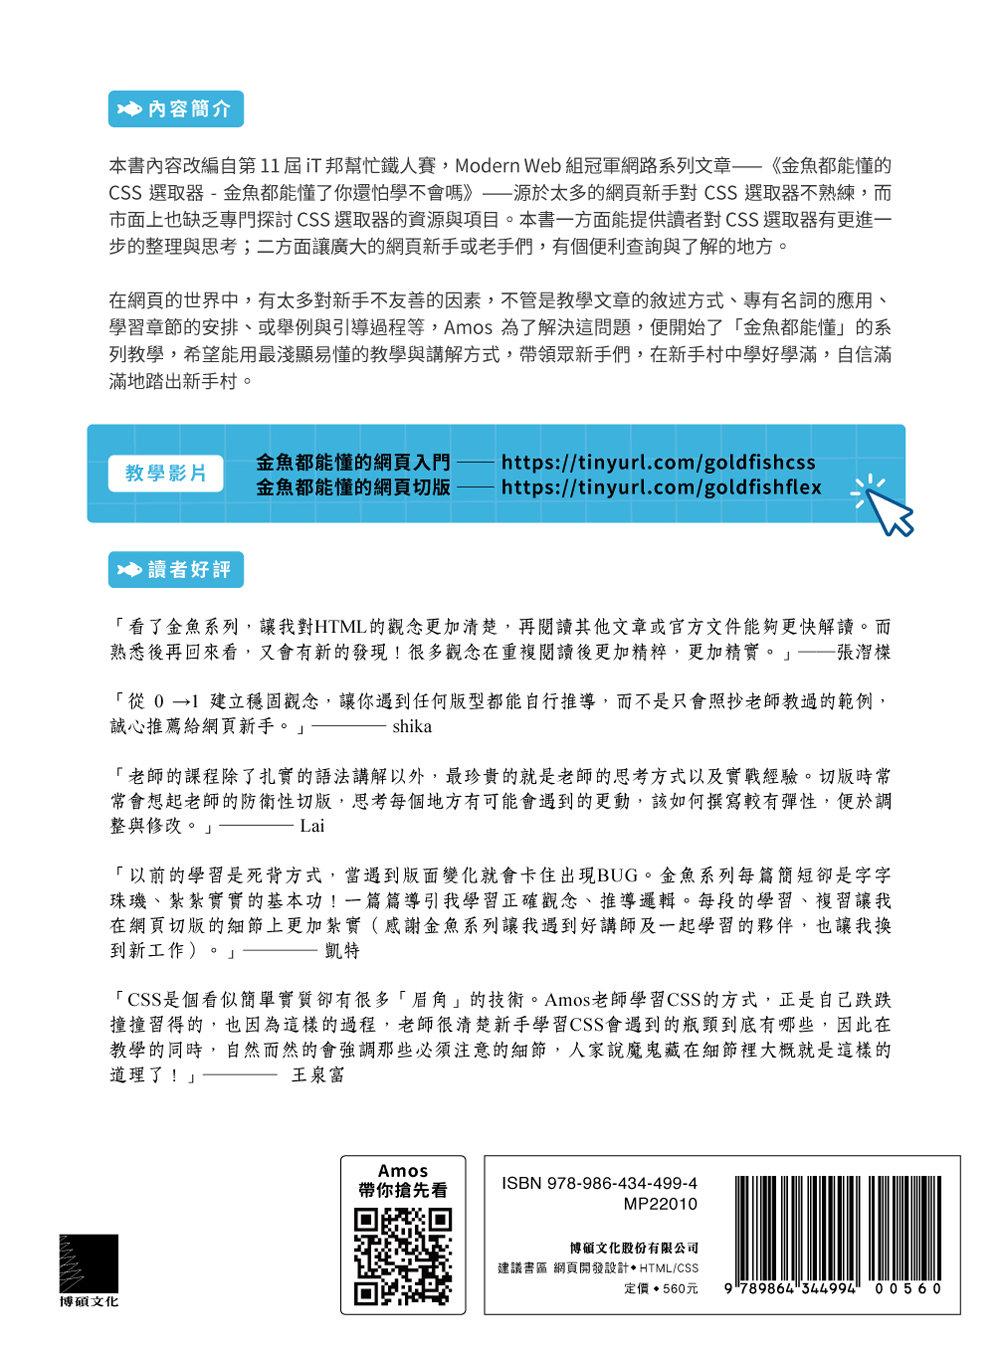 金魚都能懂的 CSS 選取器:金魚都能懂了你還怕學不會嗎(iT邦幫忙鐵人賽系列書)-preview-16